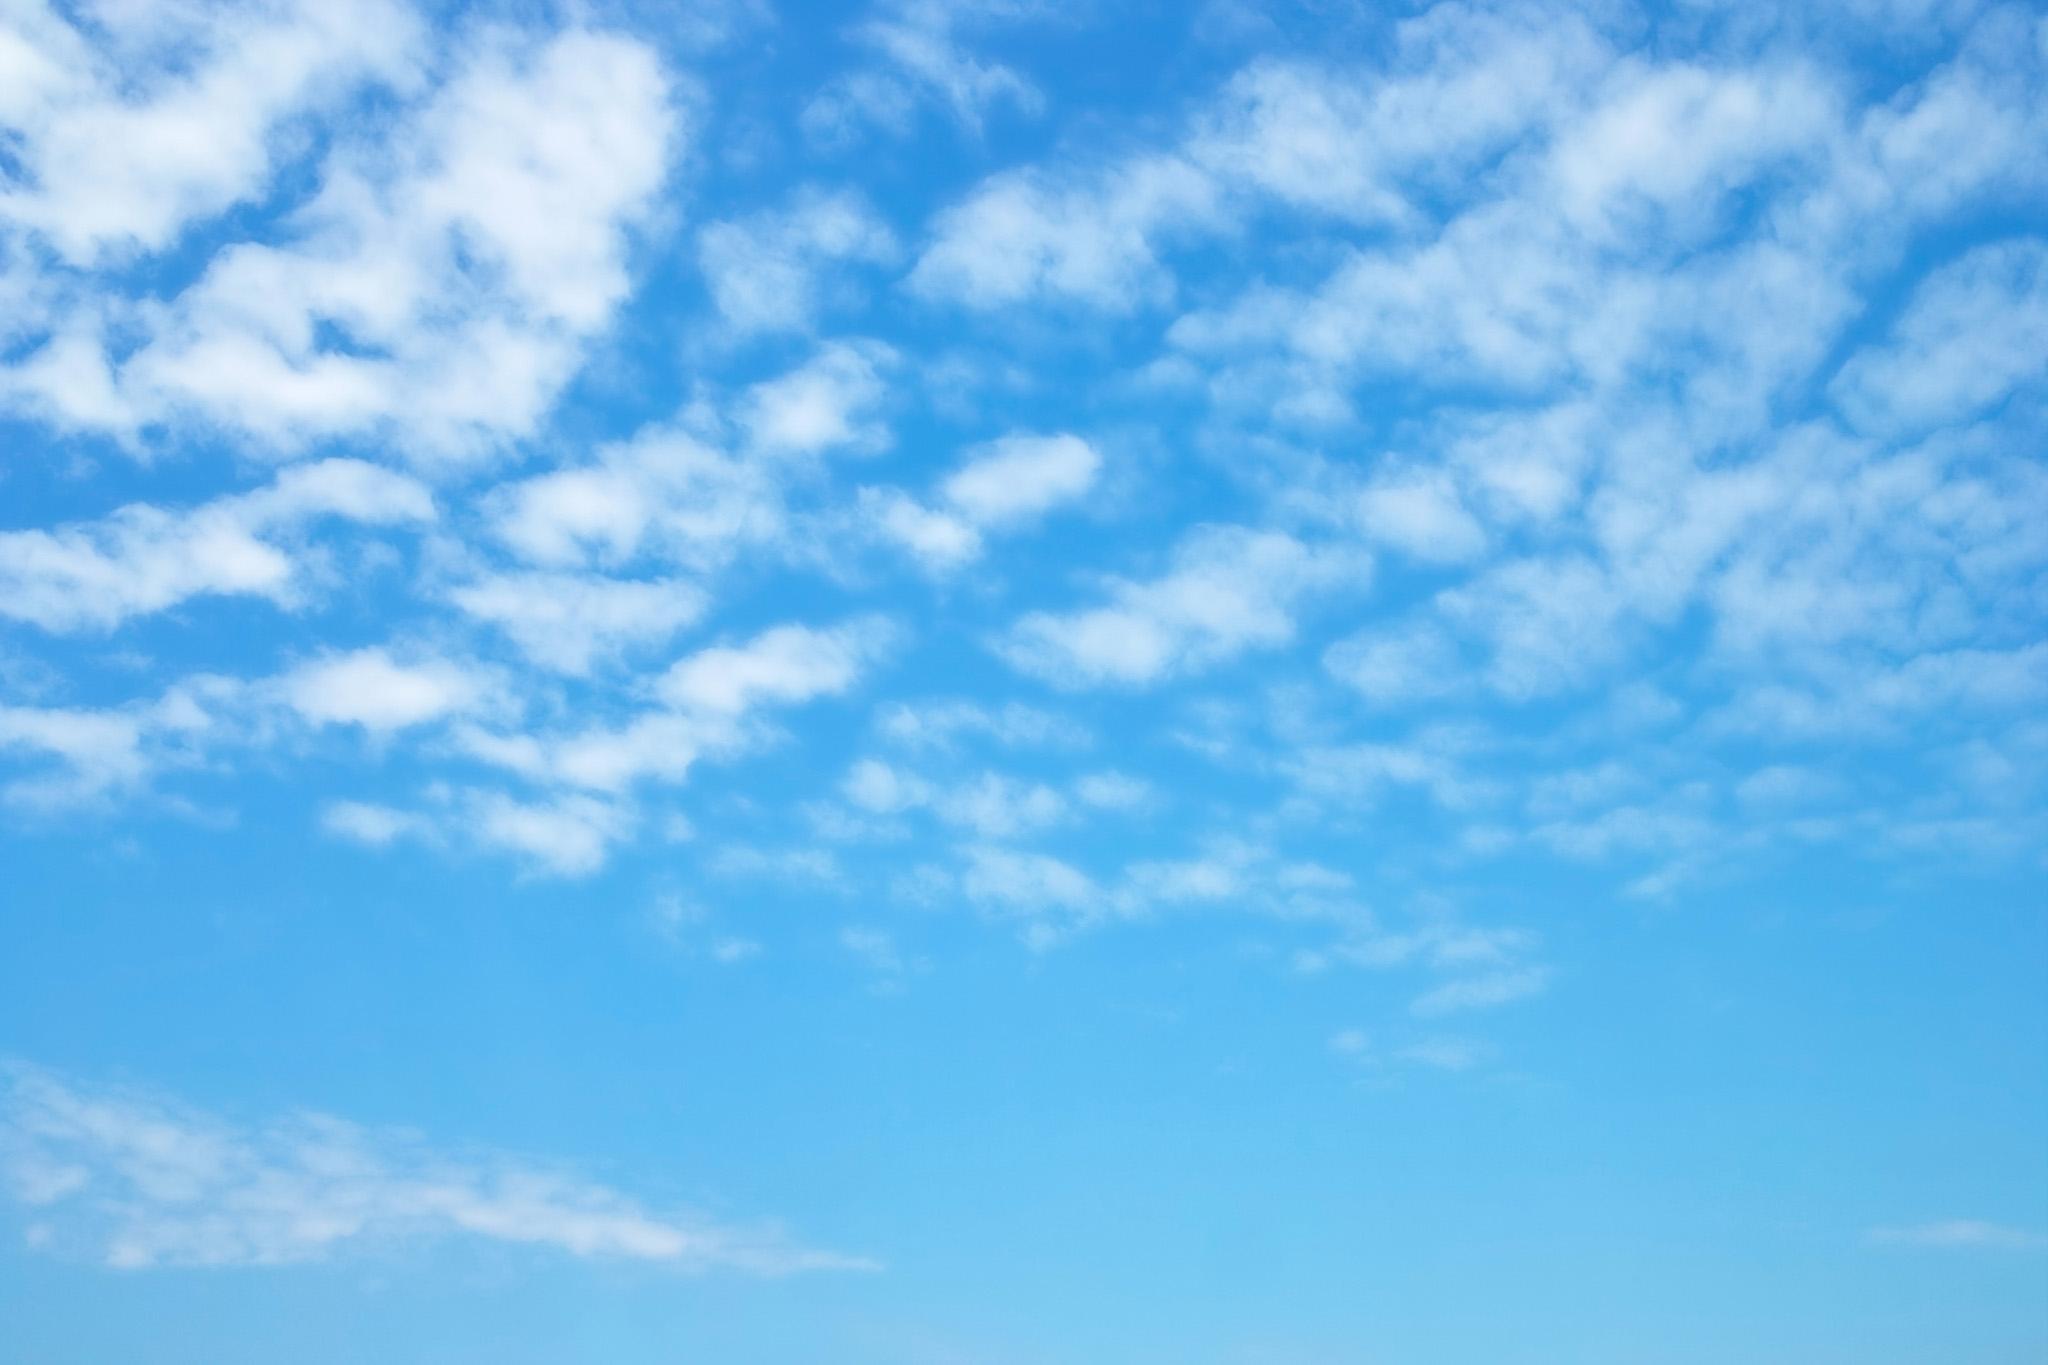 「ほのぼのとした青空と羊雲」